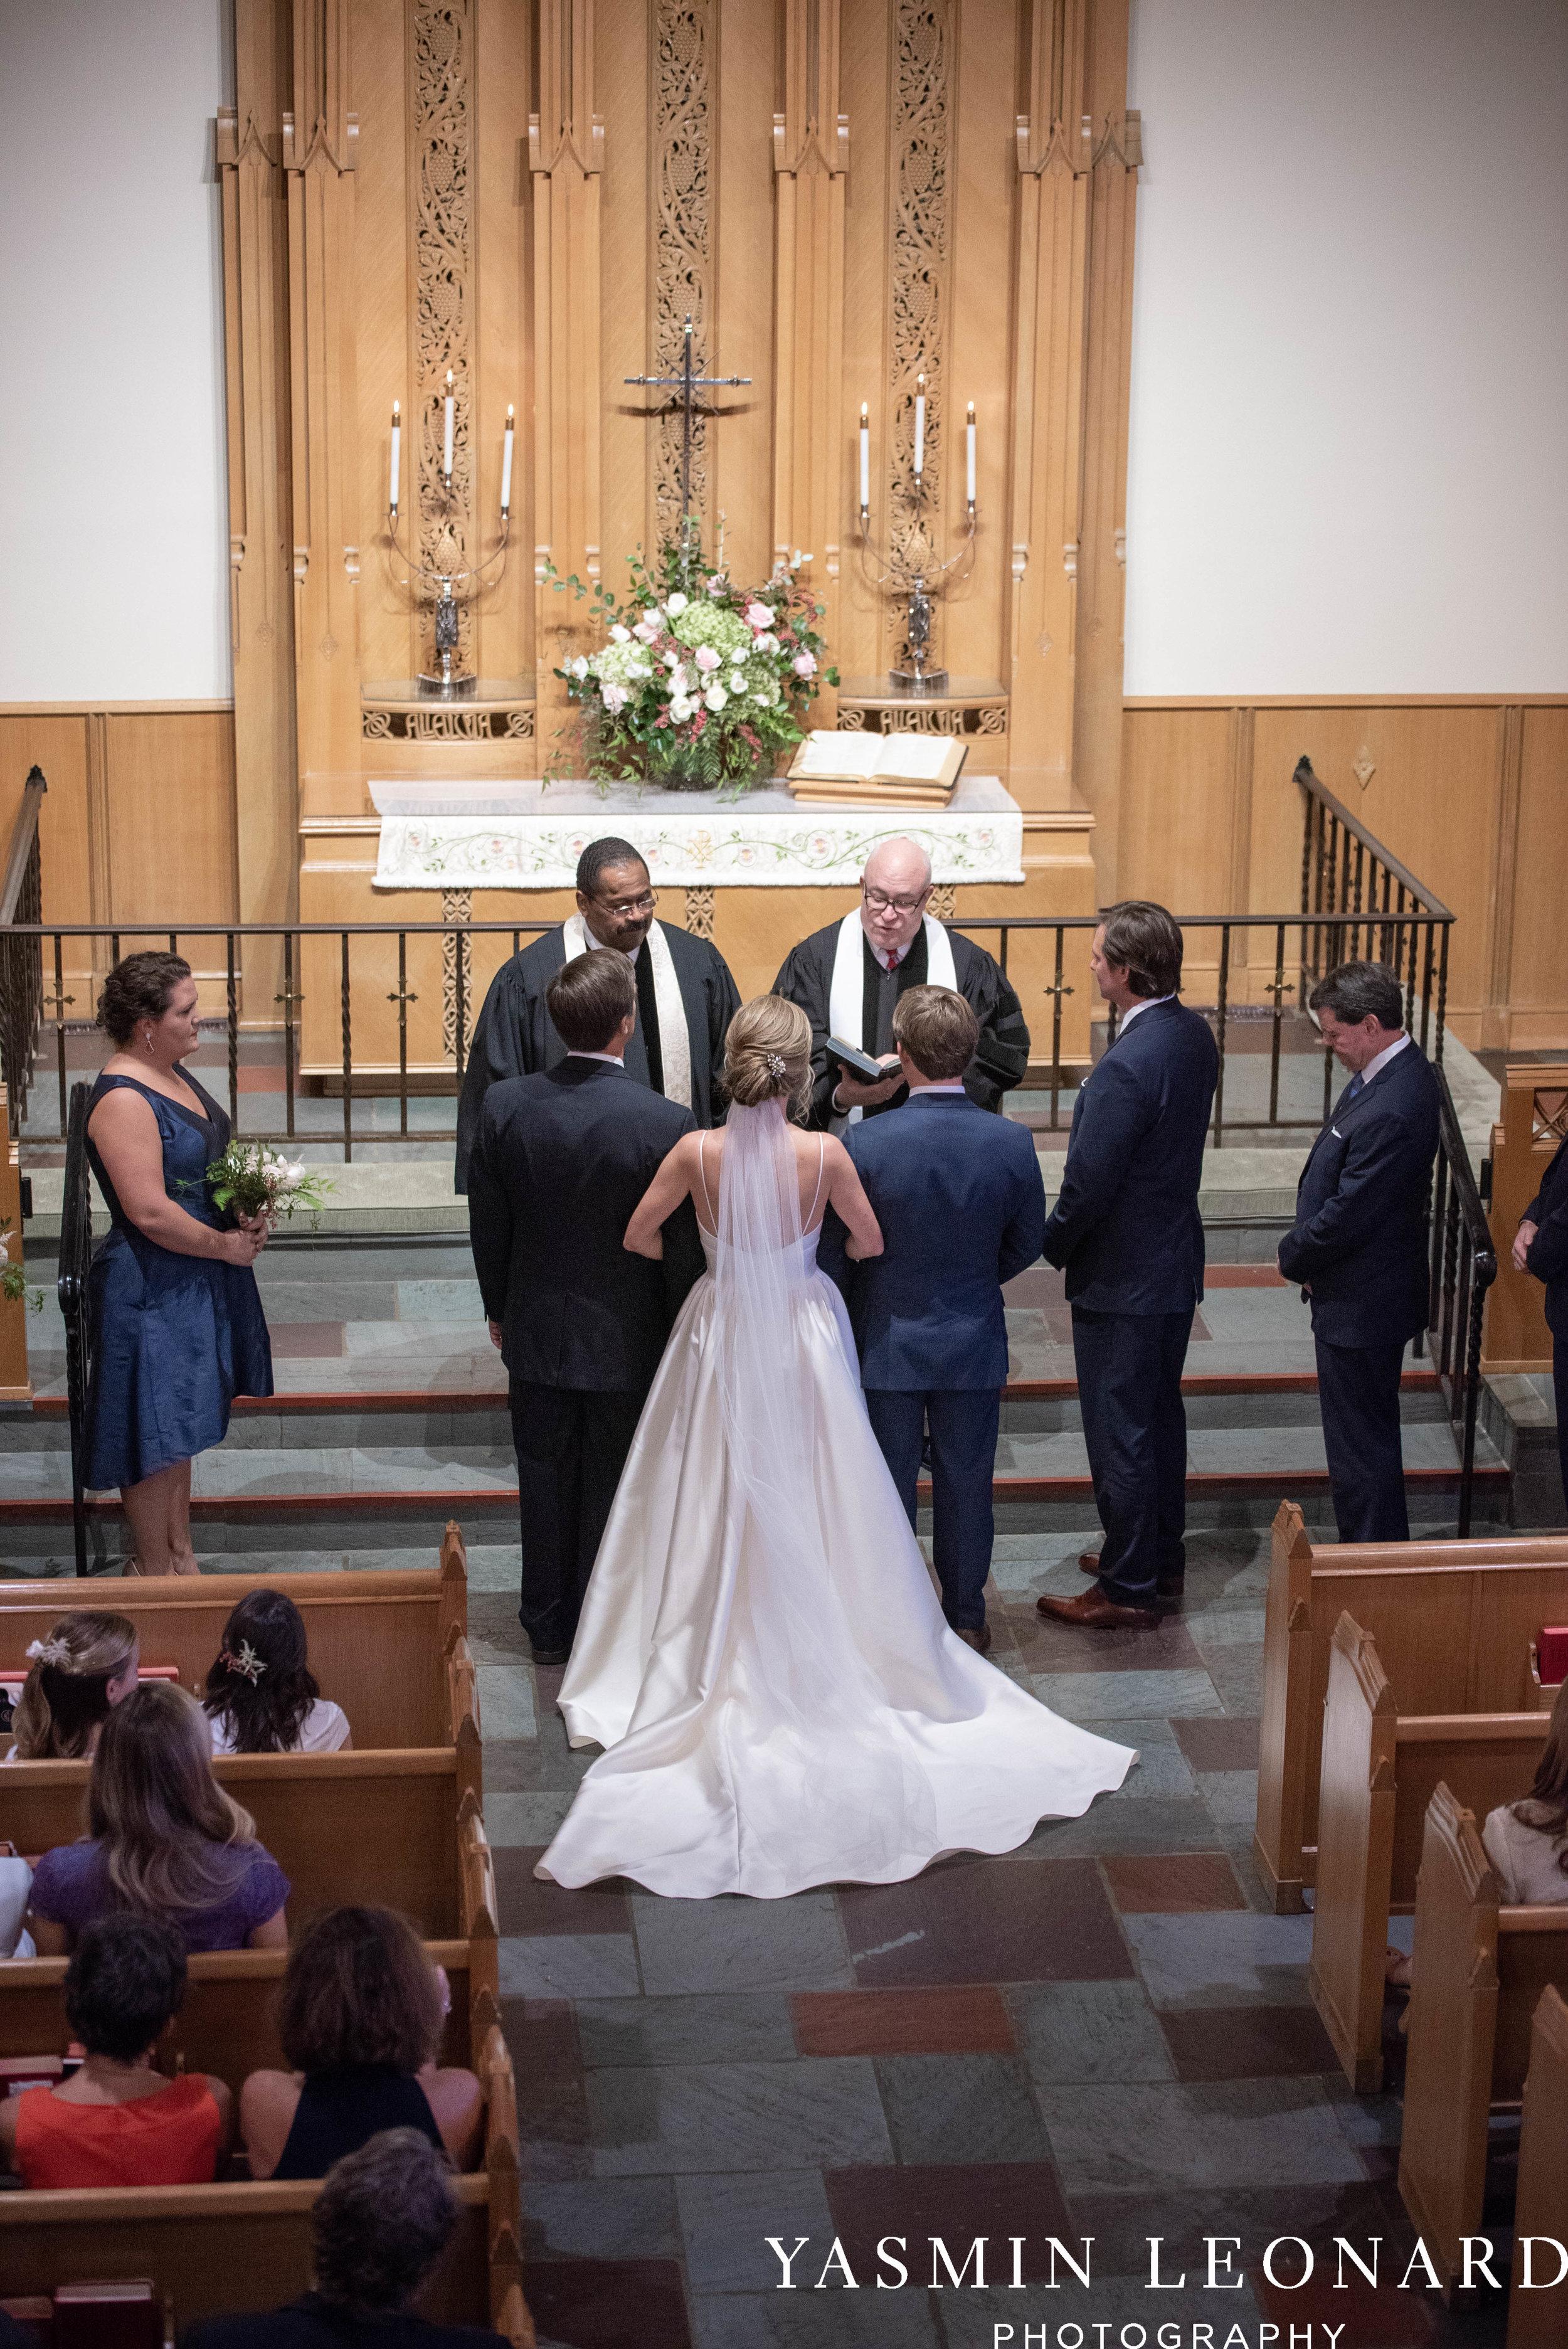 Wesley Memorial United Methodist Church - EmeryWood - High Point Weddings - High Point Wedding Photographer - NC Wedding Photographer - Yasmin Leonard Photography-20.jpg